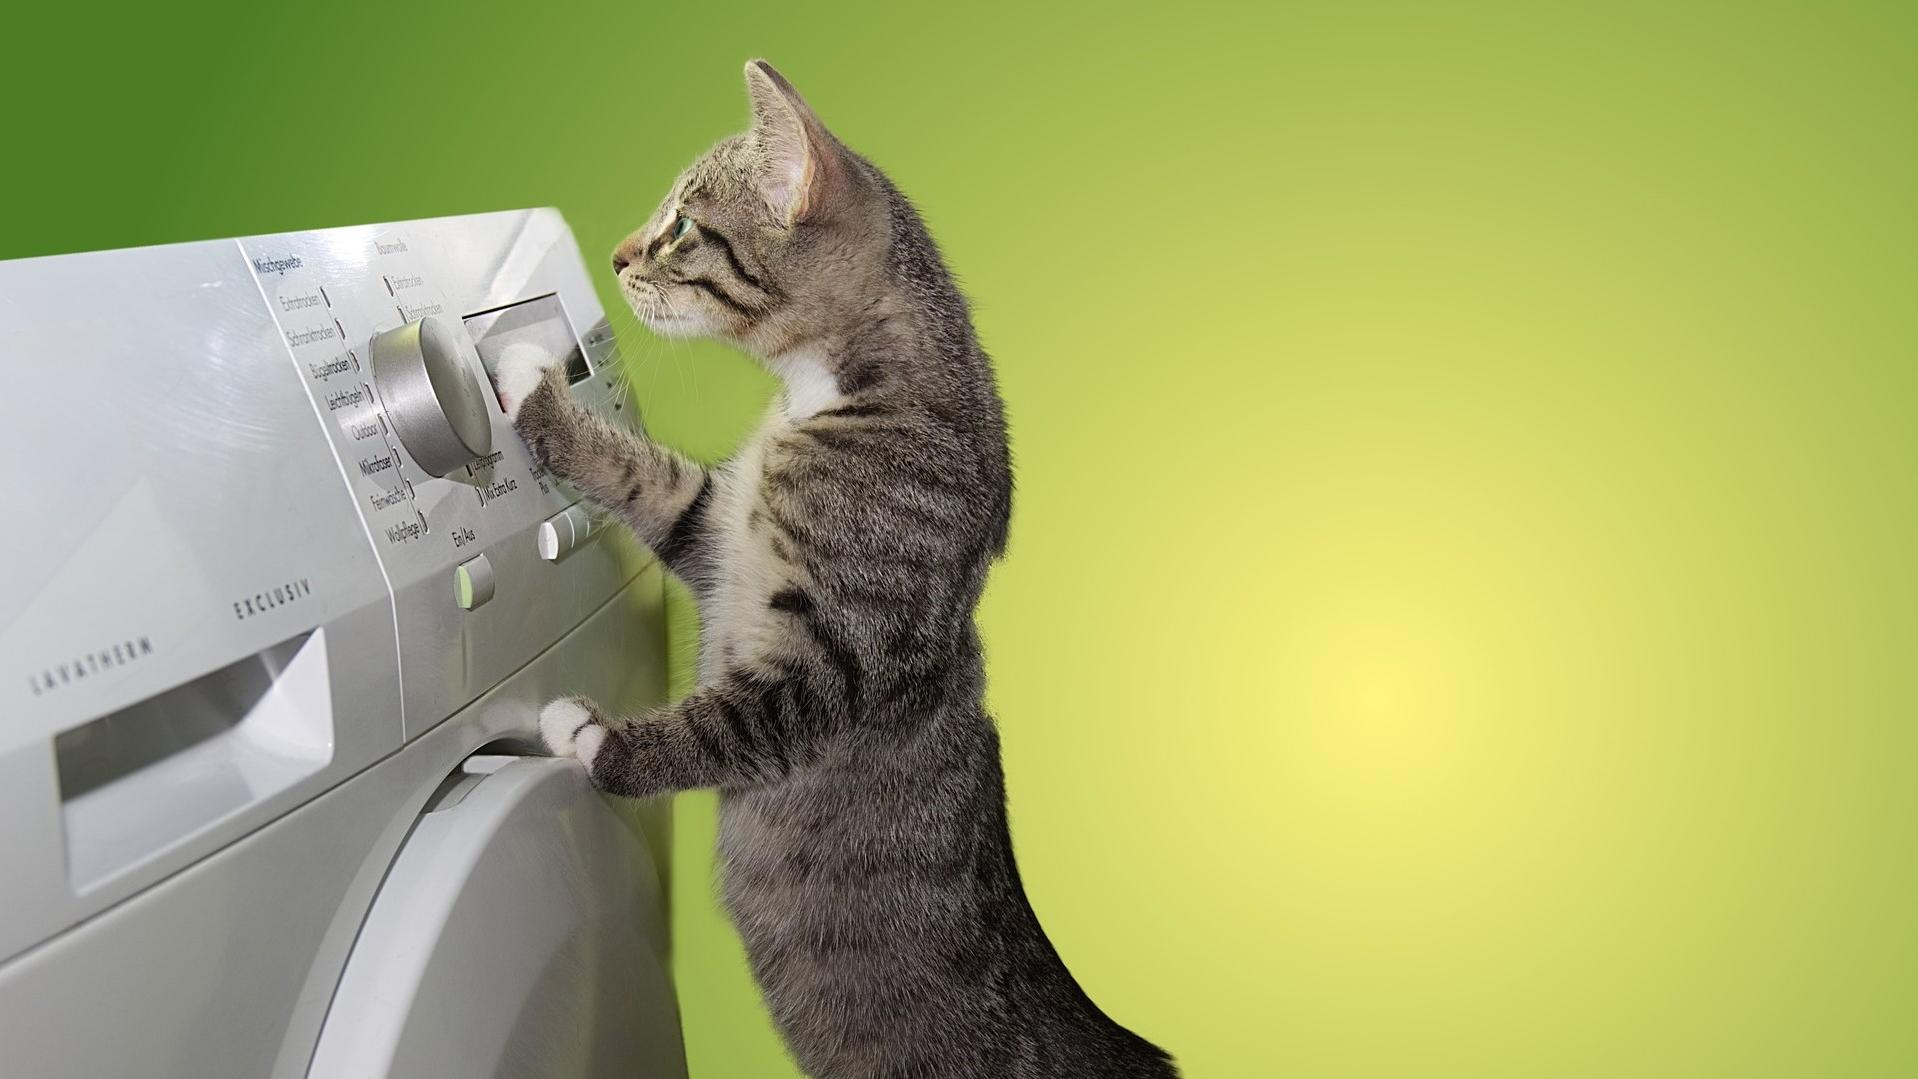 Kondenstrockner reinigen - die besten Tipps, wie Sie es sich leicht machen